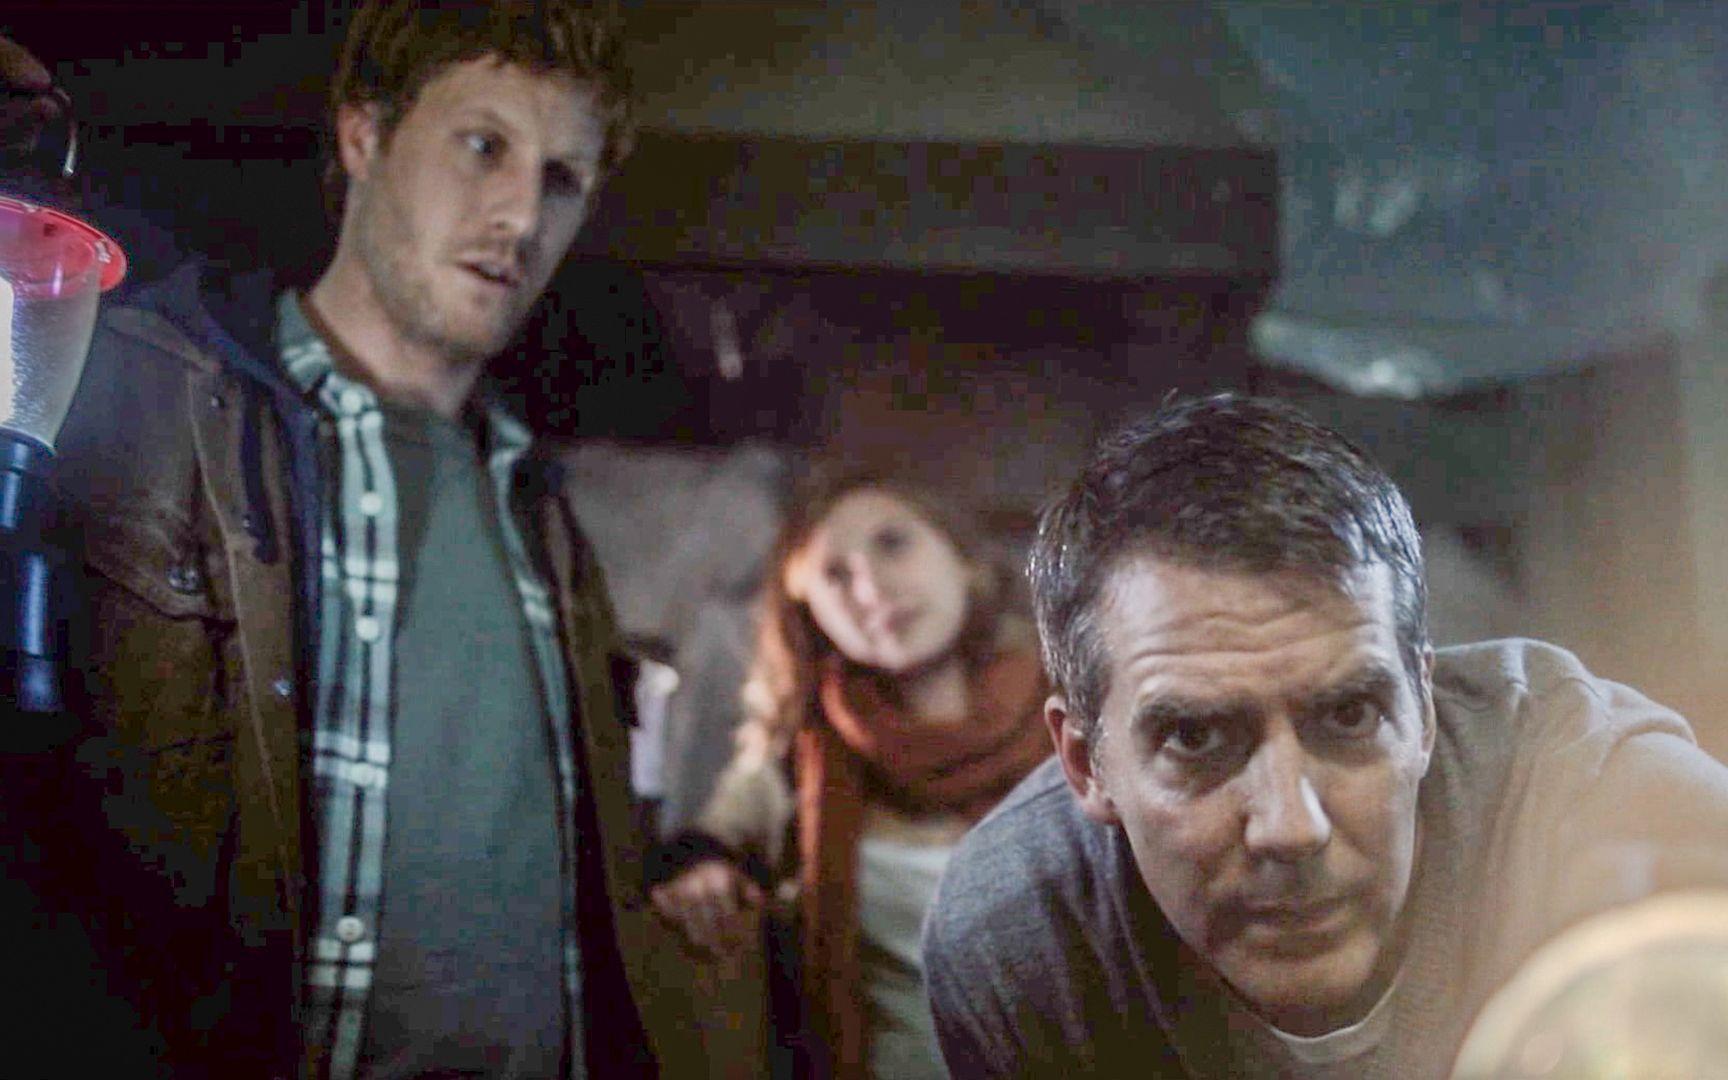 【穷电影】3人准备翻新老房子,却被屋子里的怪东西,吓到尿意全无寂静的房子